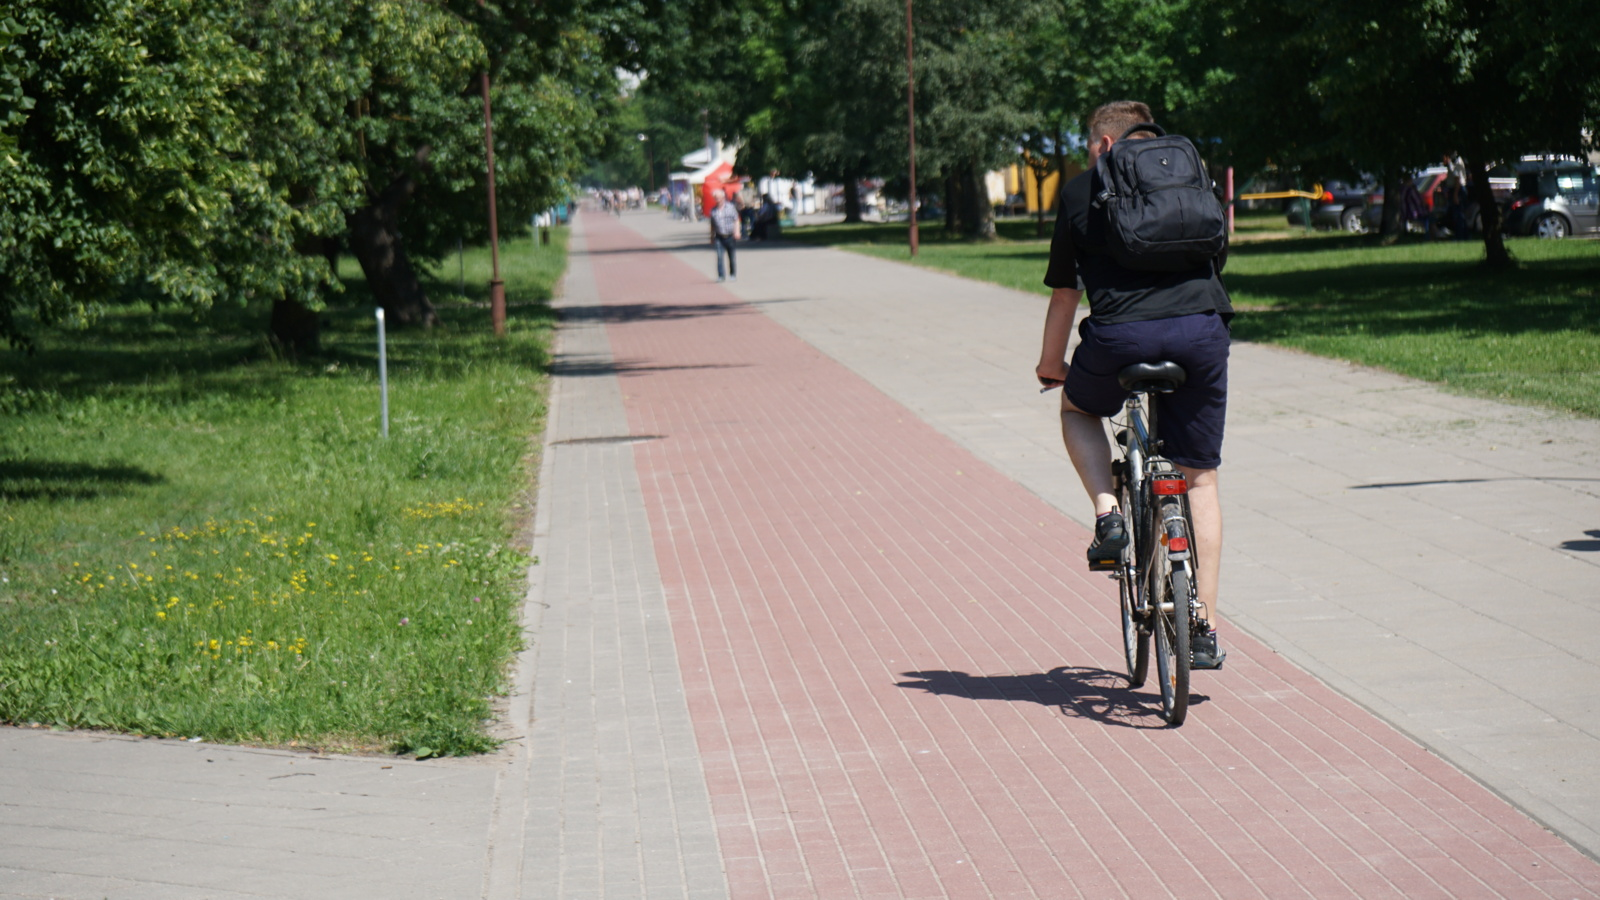 Svarstomas siūlymas įpareigoti dviratininkus sustoti ir praleisti automobilius